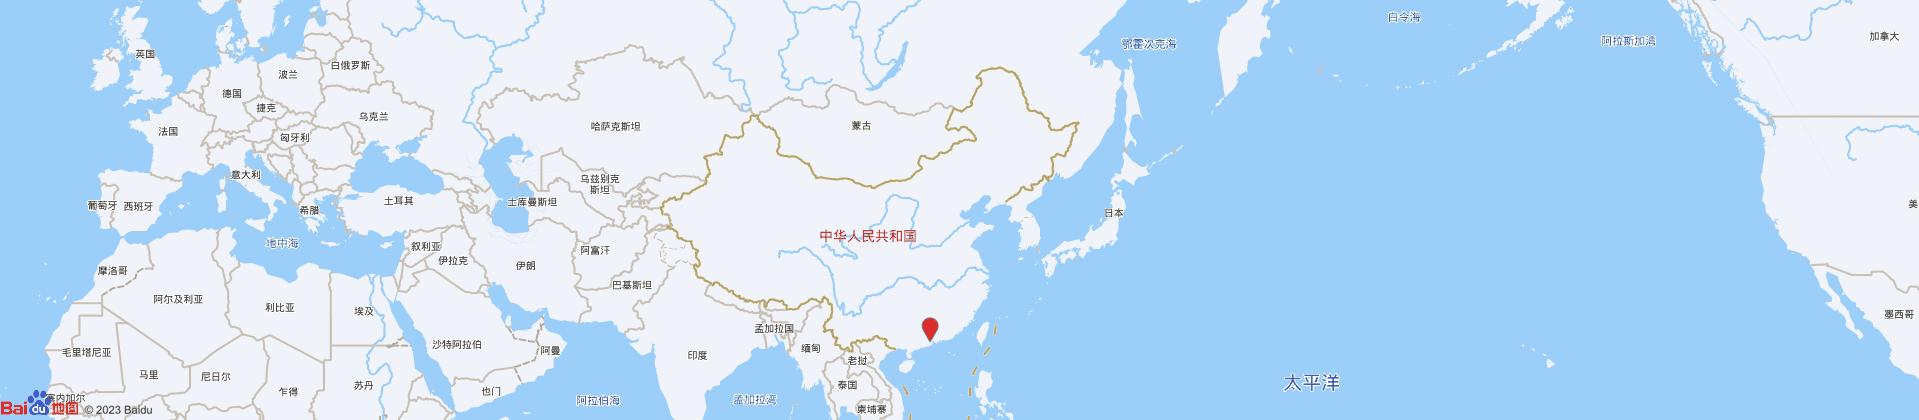 天津鑫兰物流有限公司